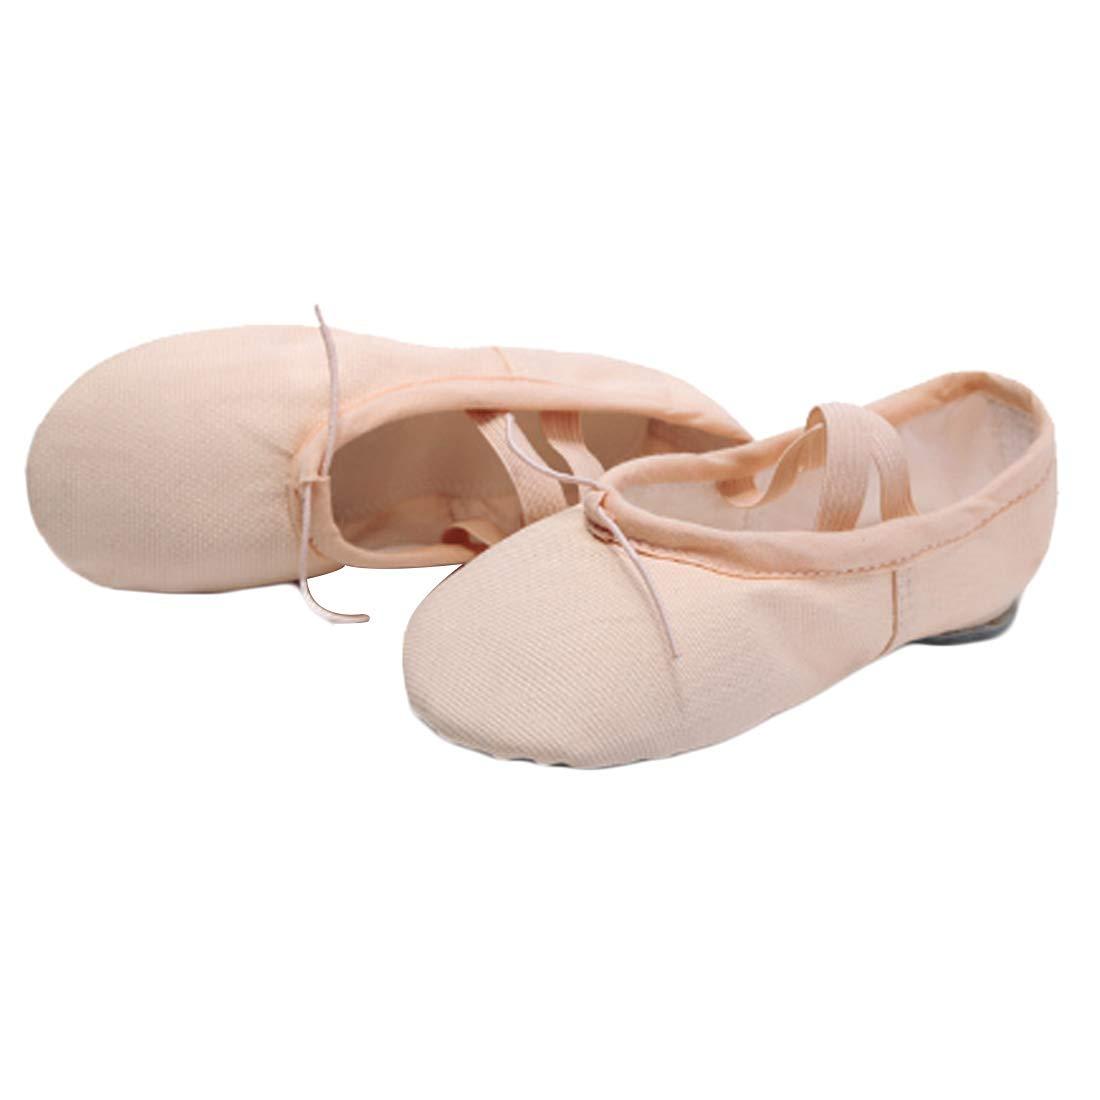 DAIYO Frauen weiche elastische Leinwand Ballettschuhe Ledersohle Yoga Tanz Praxis Schuhe f/ür Kinder